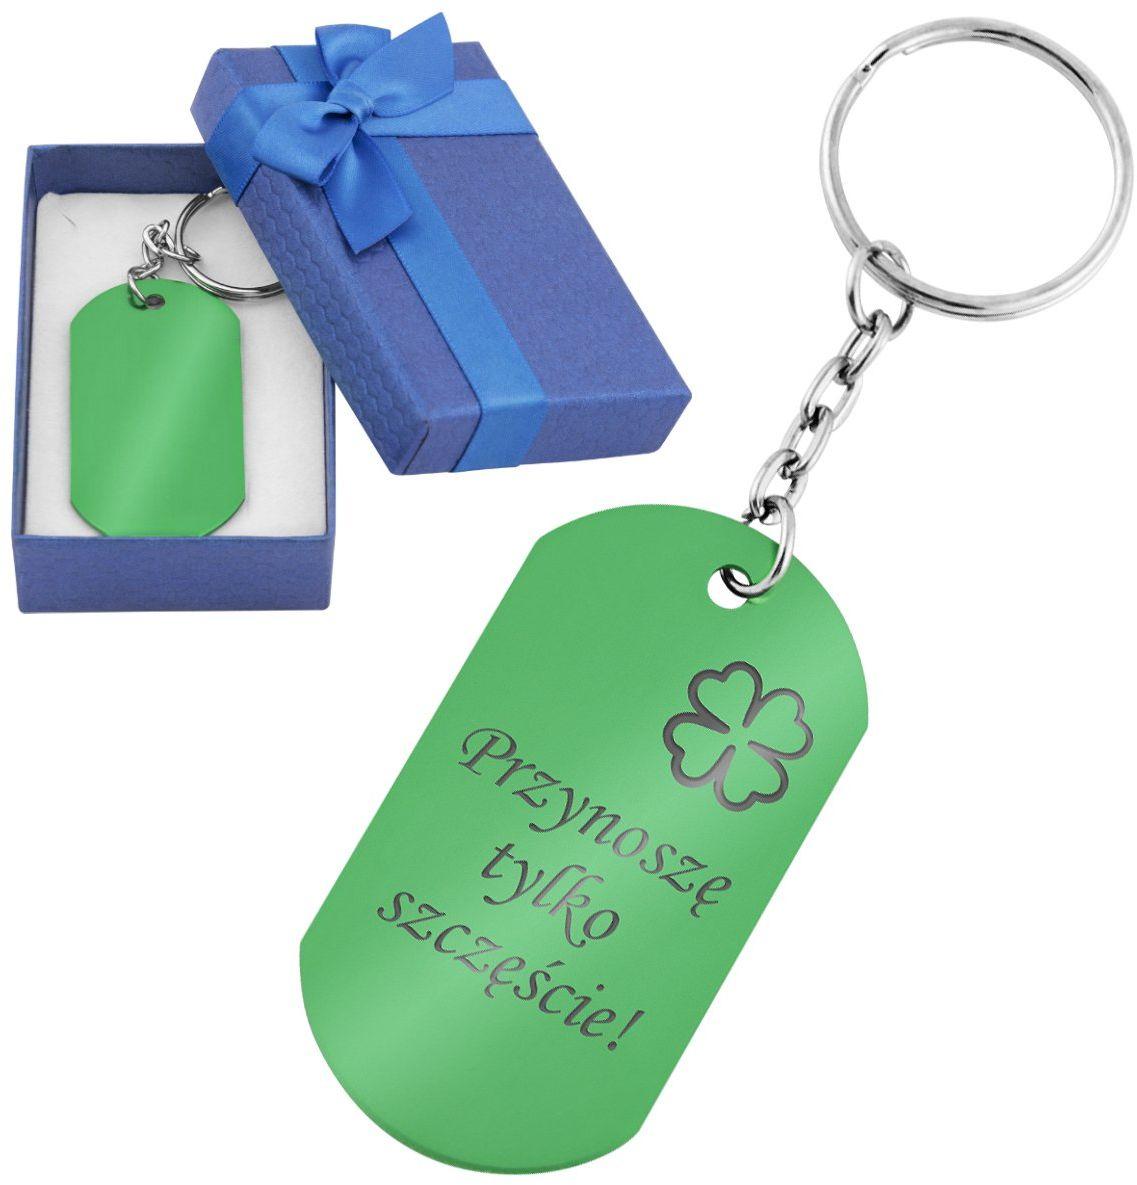 Lekki brelok do kluczy nieśmiertelnik zielony z Grawerem